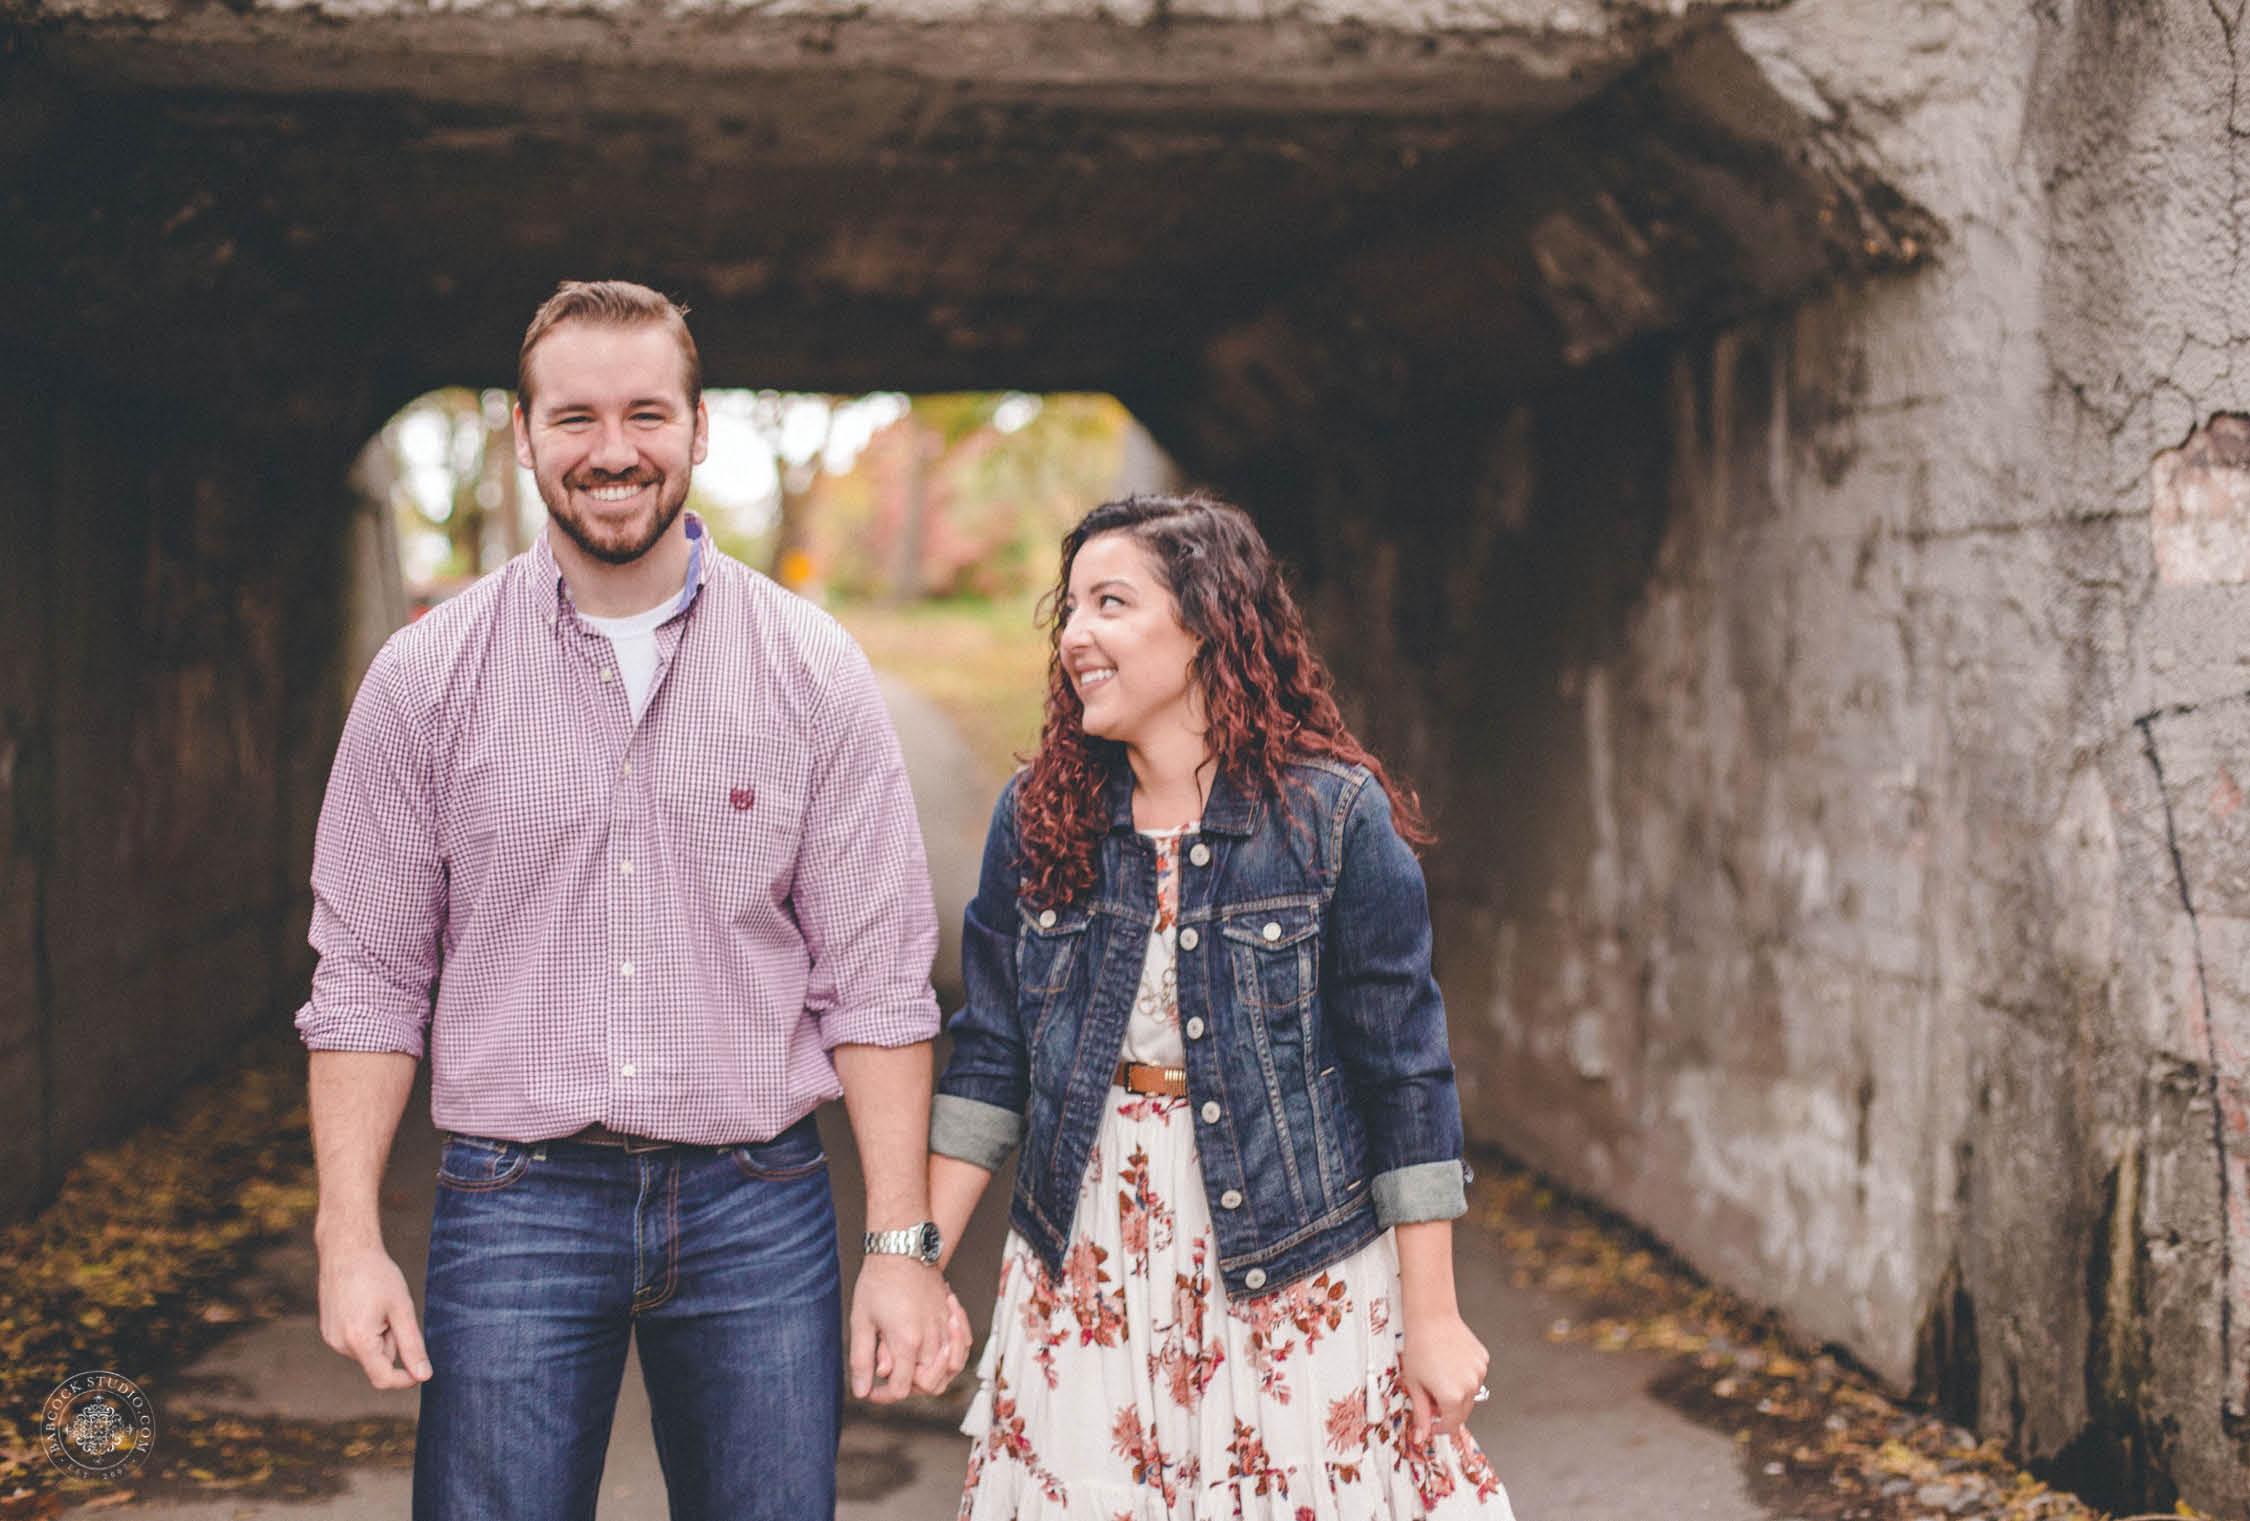 makayla-paul-engagement-photographer-dayton-ohio-3.jpg